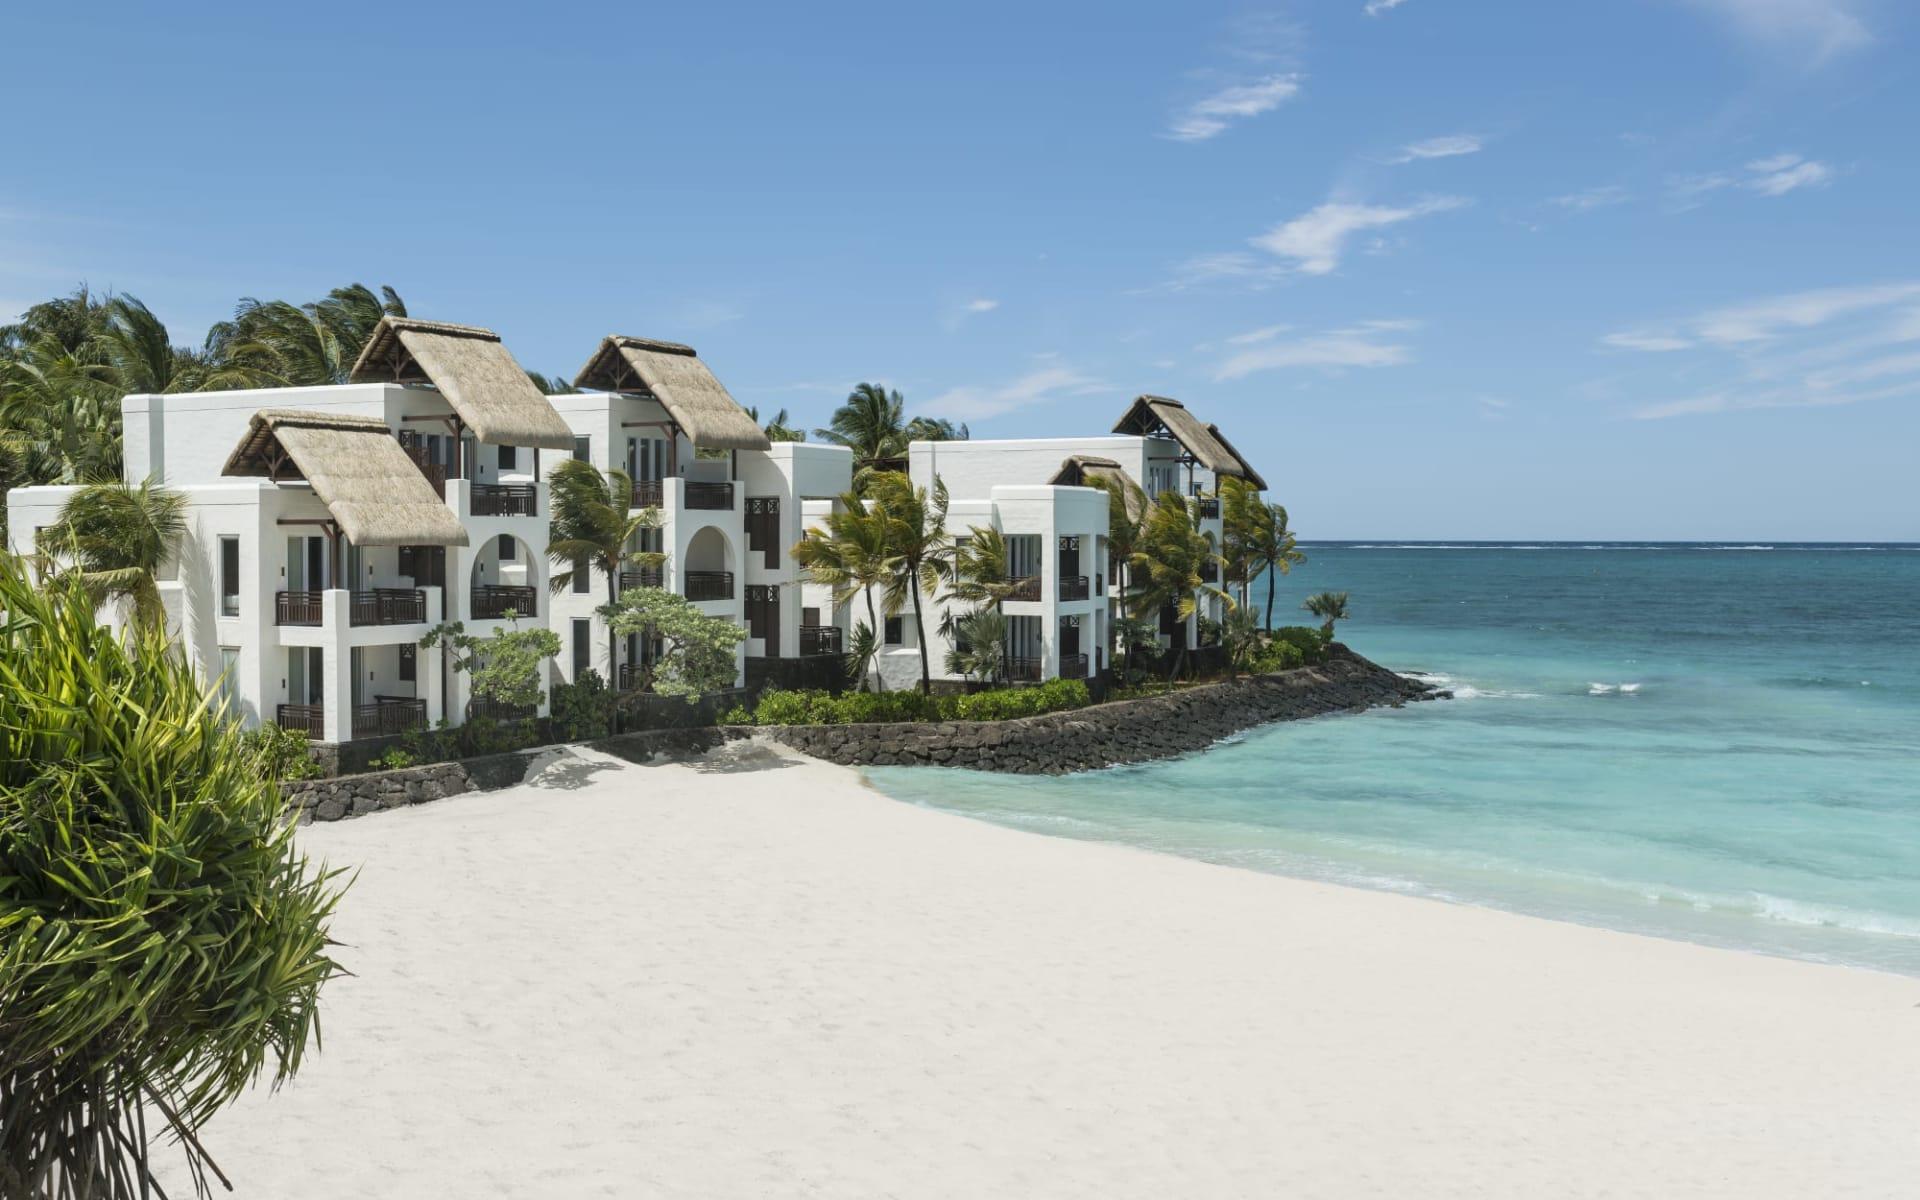 Shangri-La's Le Touessrok Resort & Spa in Trou d'Eau Douce: